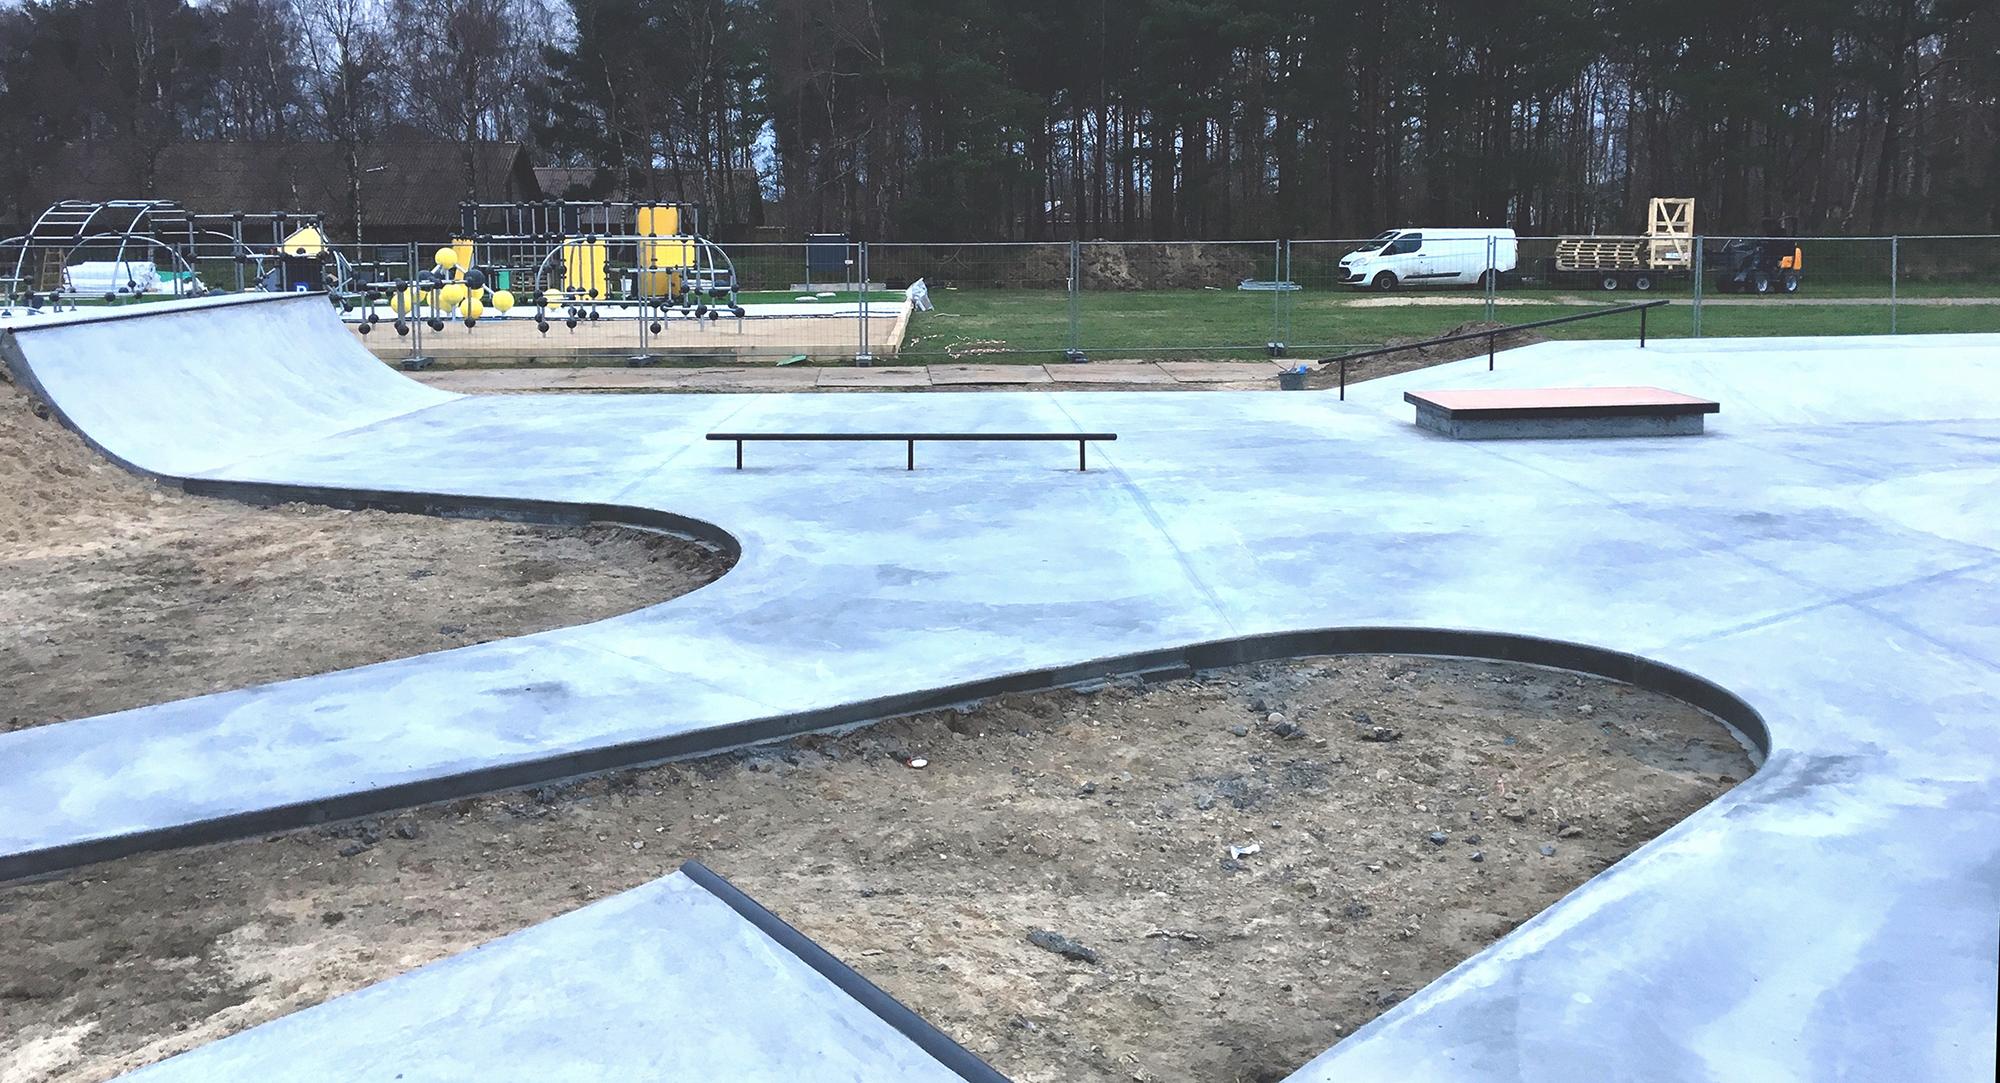 Brede stiet i beton omkranser rå jord på en byggeplads med en næsten færdig skatepark